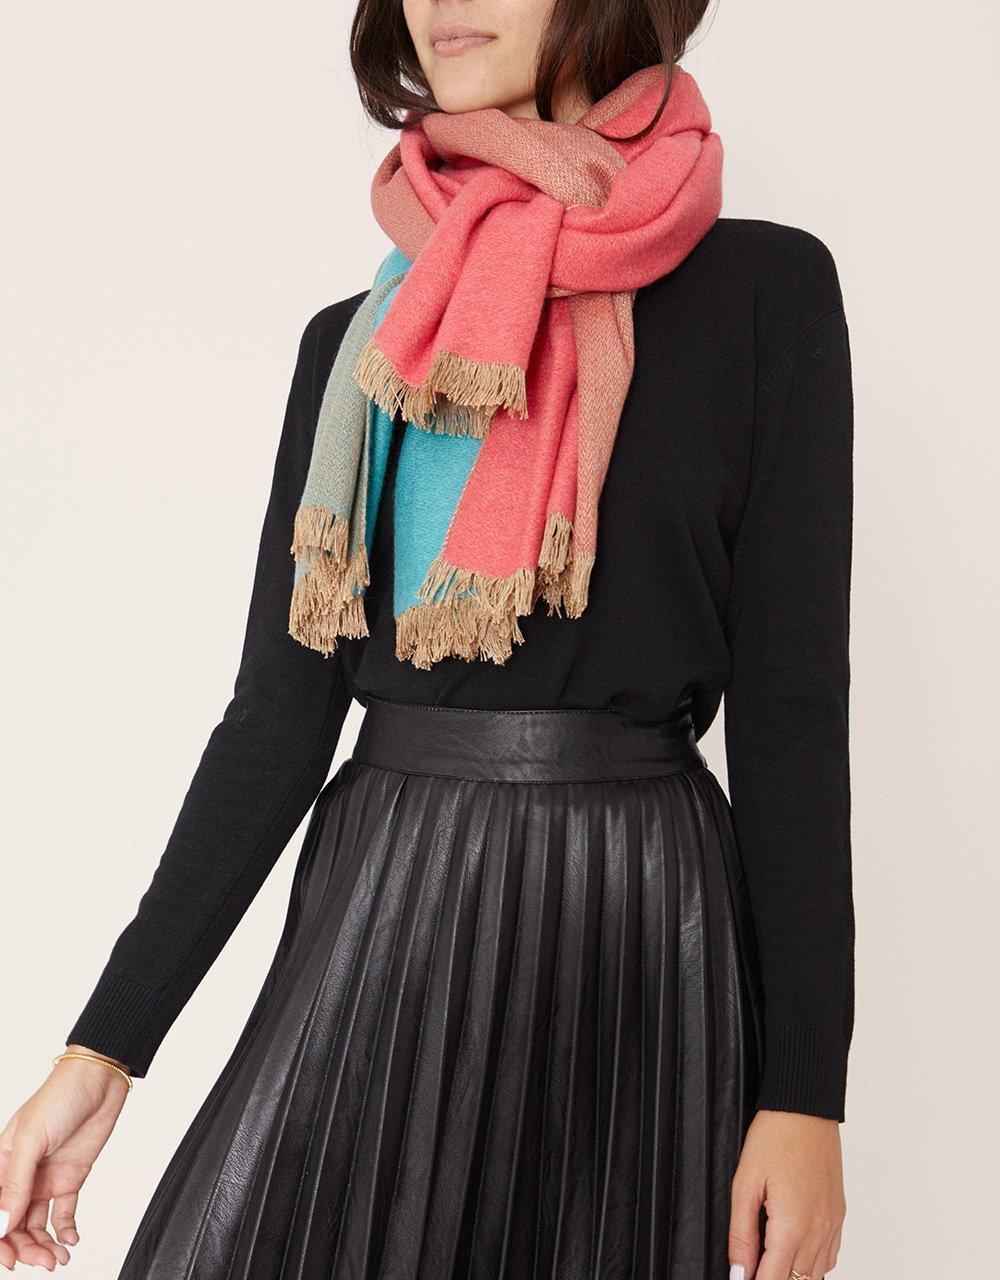 foulard03a